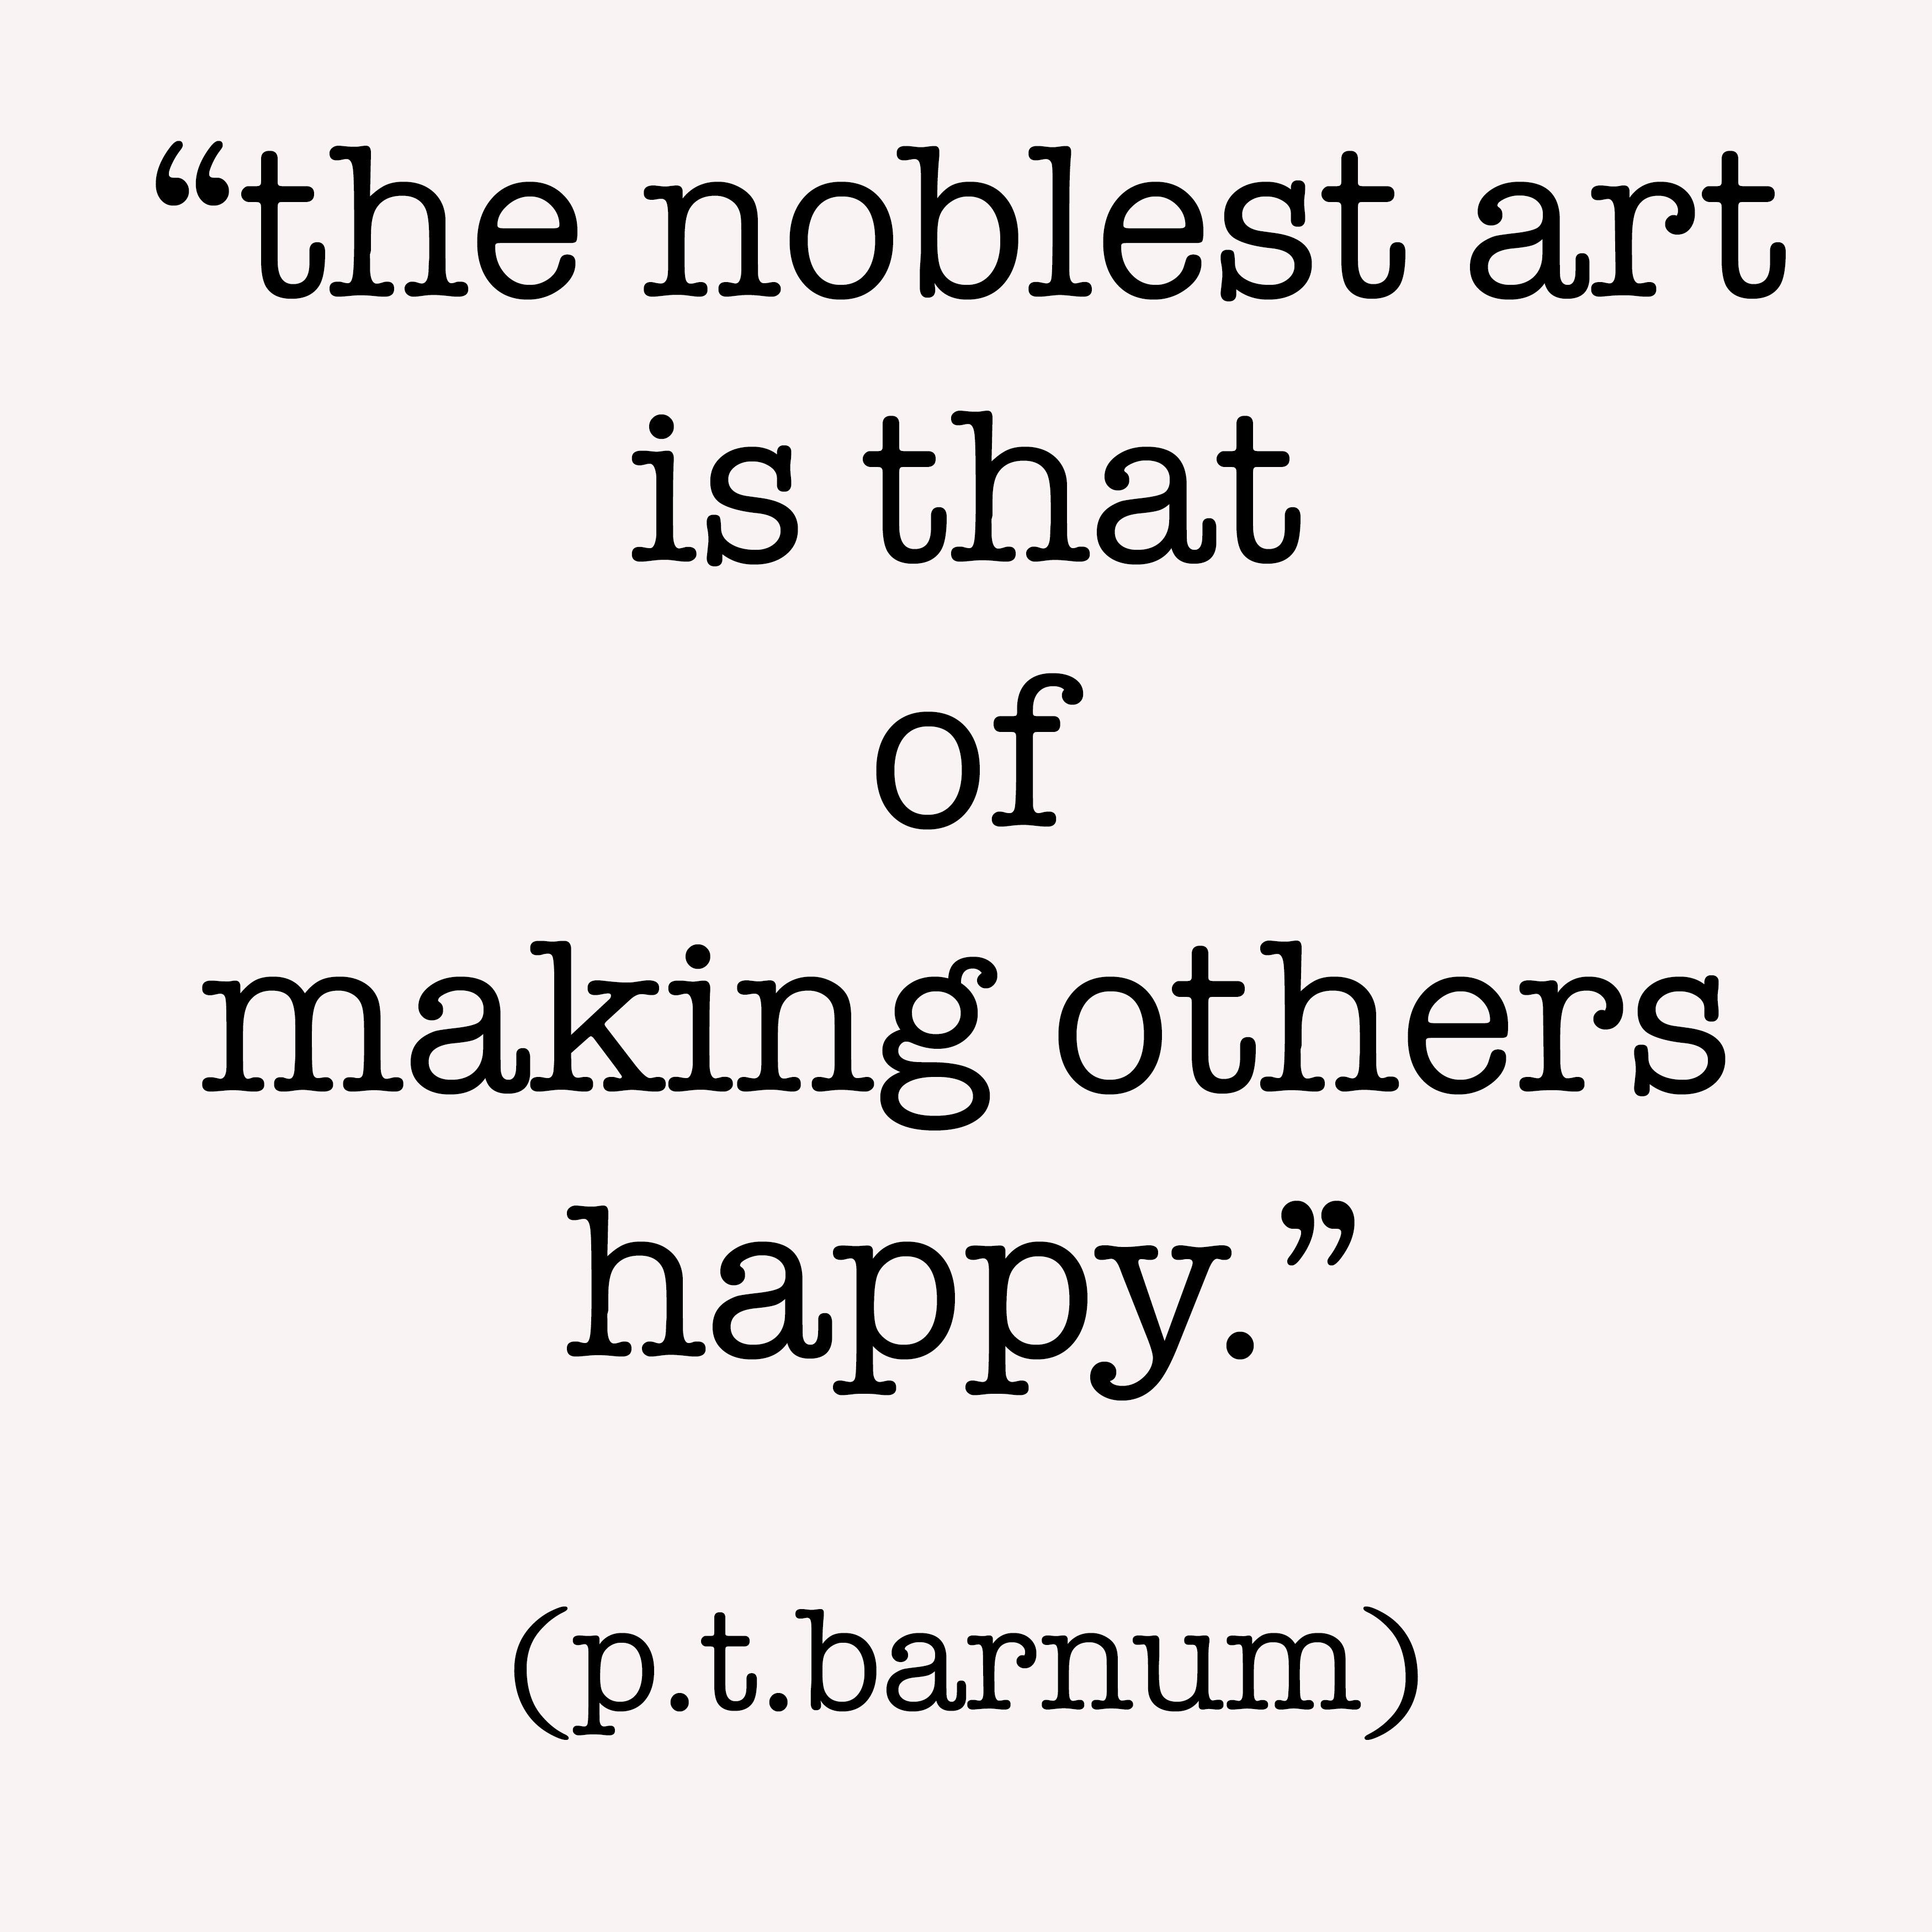 pt barnum quote copy